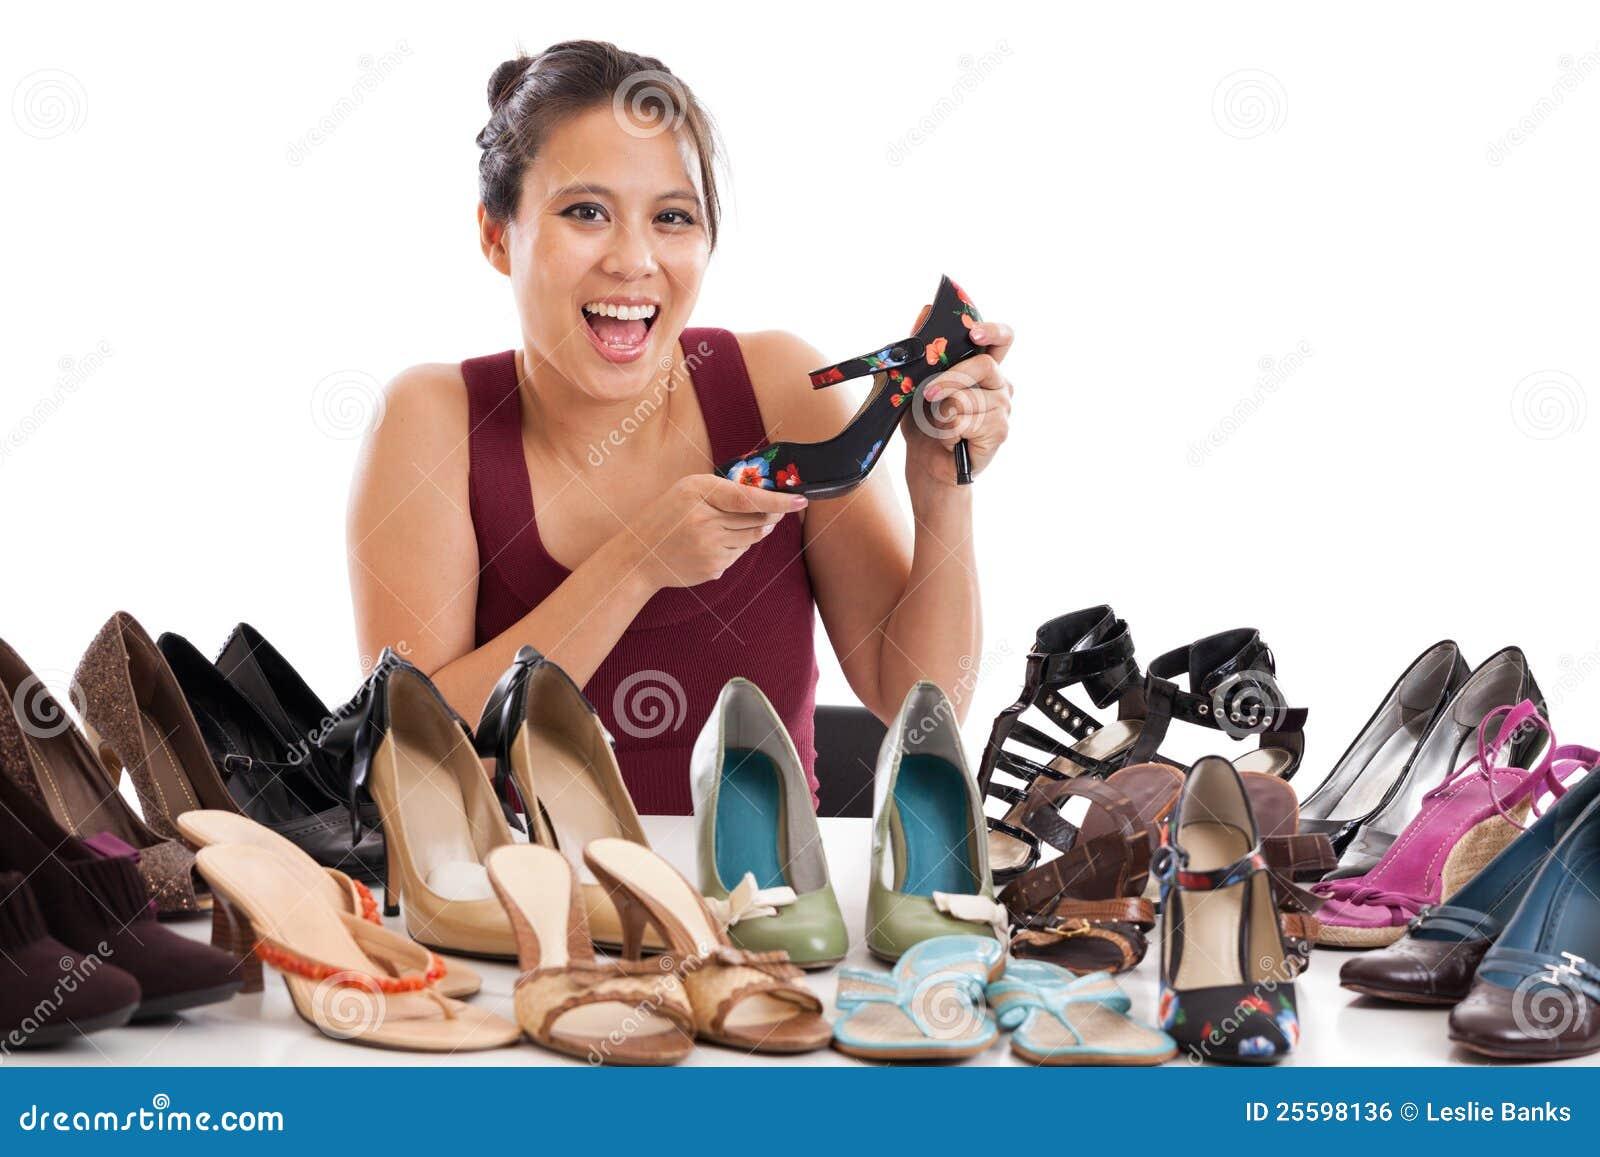 Mordu de chaussure